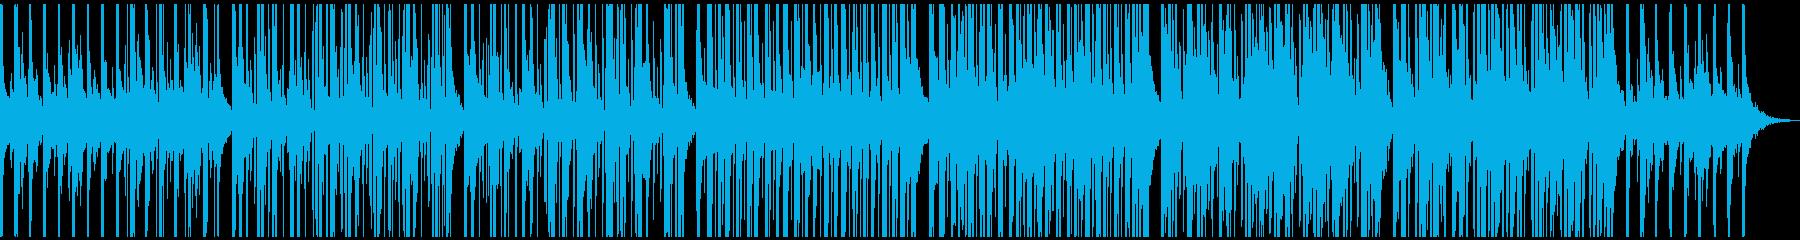 コーポレート 移動 パーカッション...の再生済みの波形